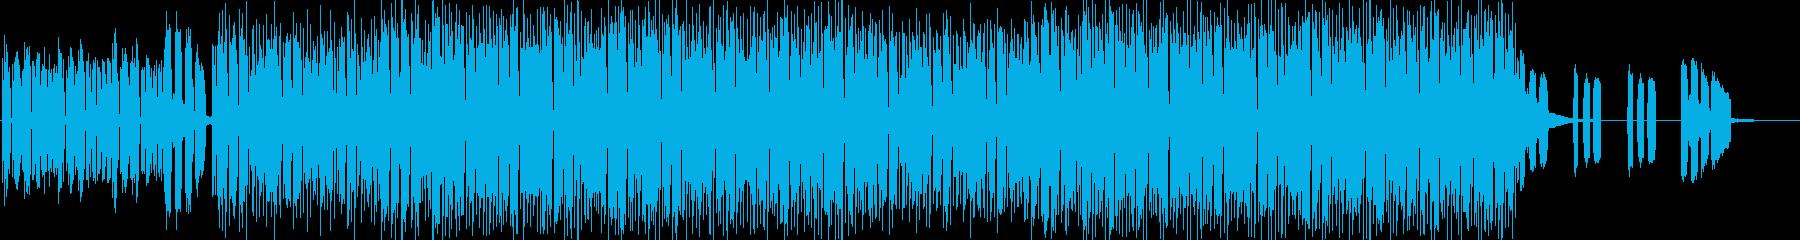 おしゃれなハウスミュージックの再生済みの波形